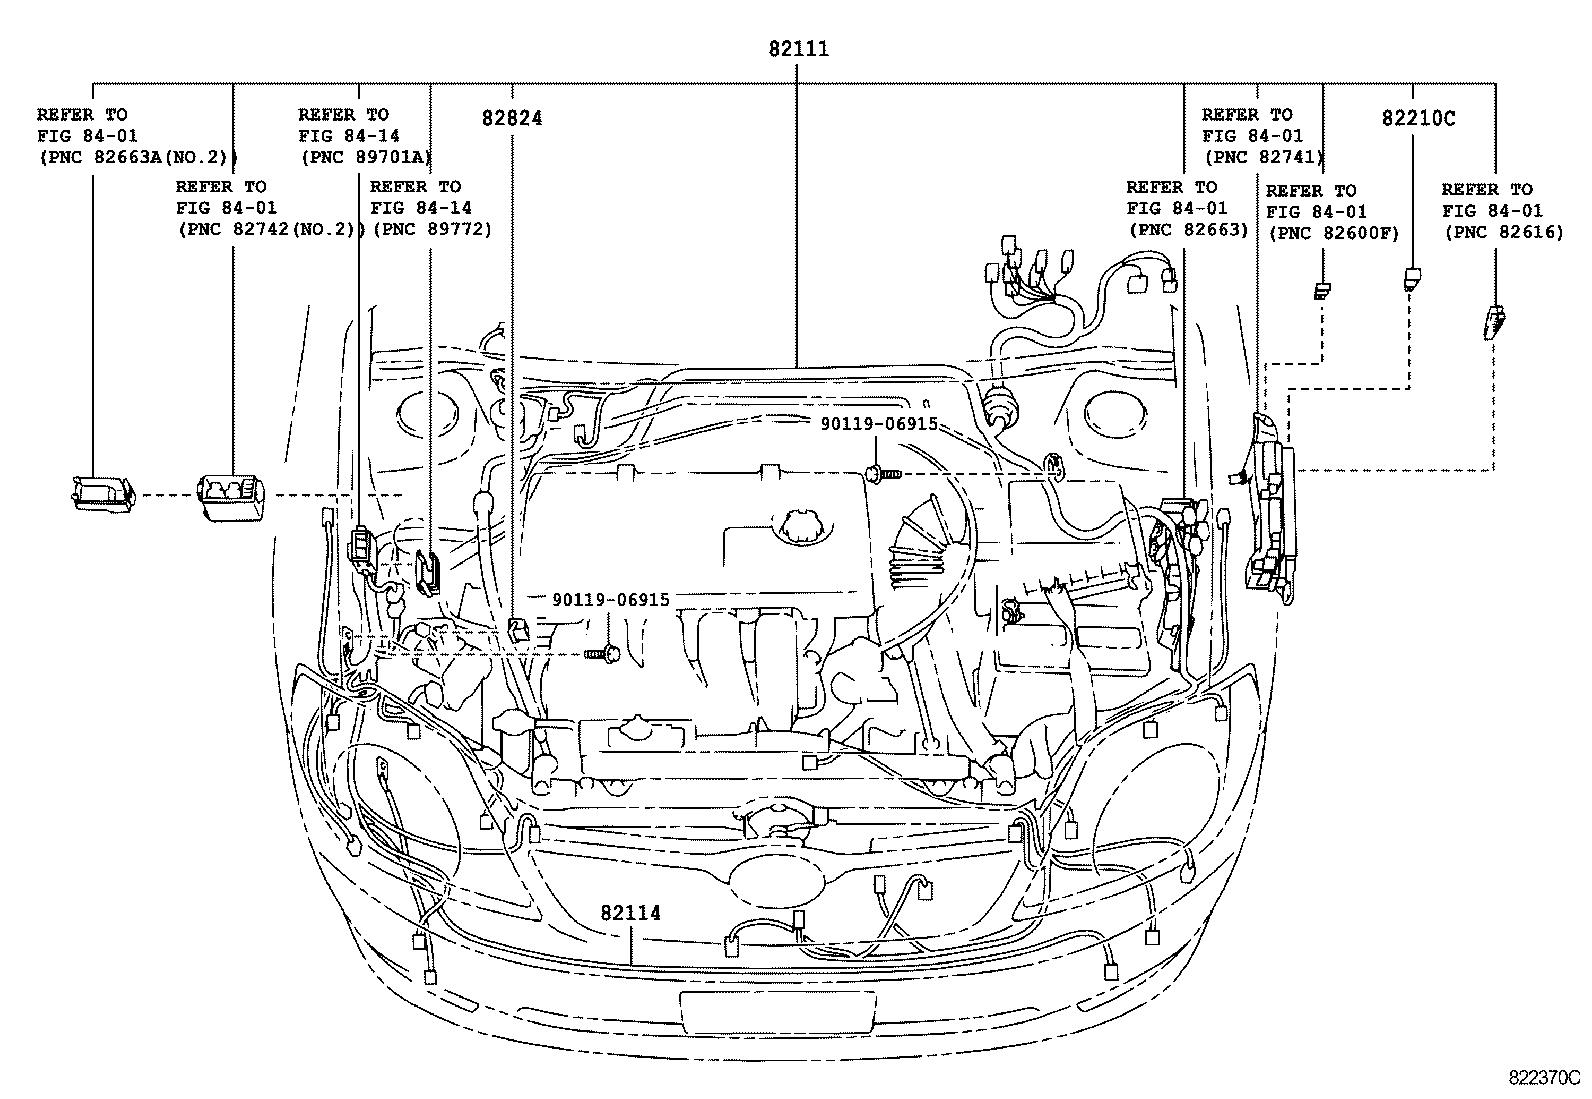 toyota corolla fieldernze124-aepnk - electrical